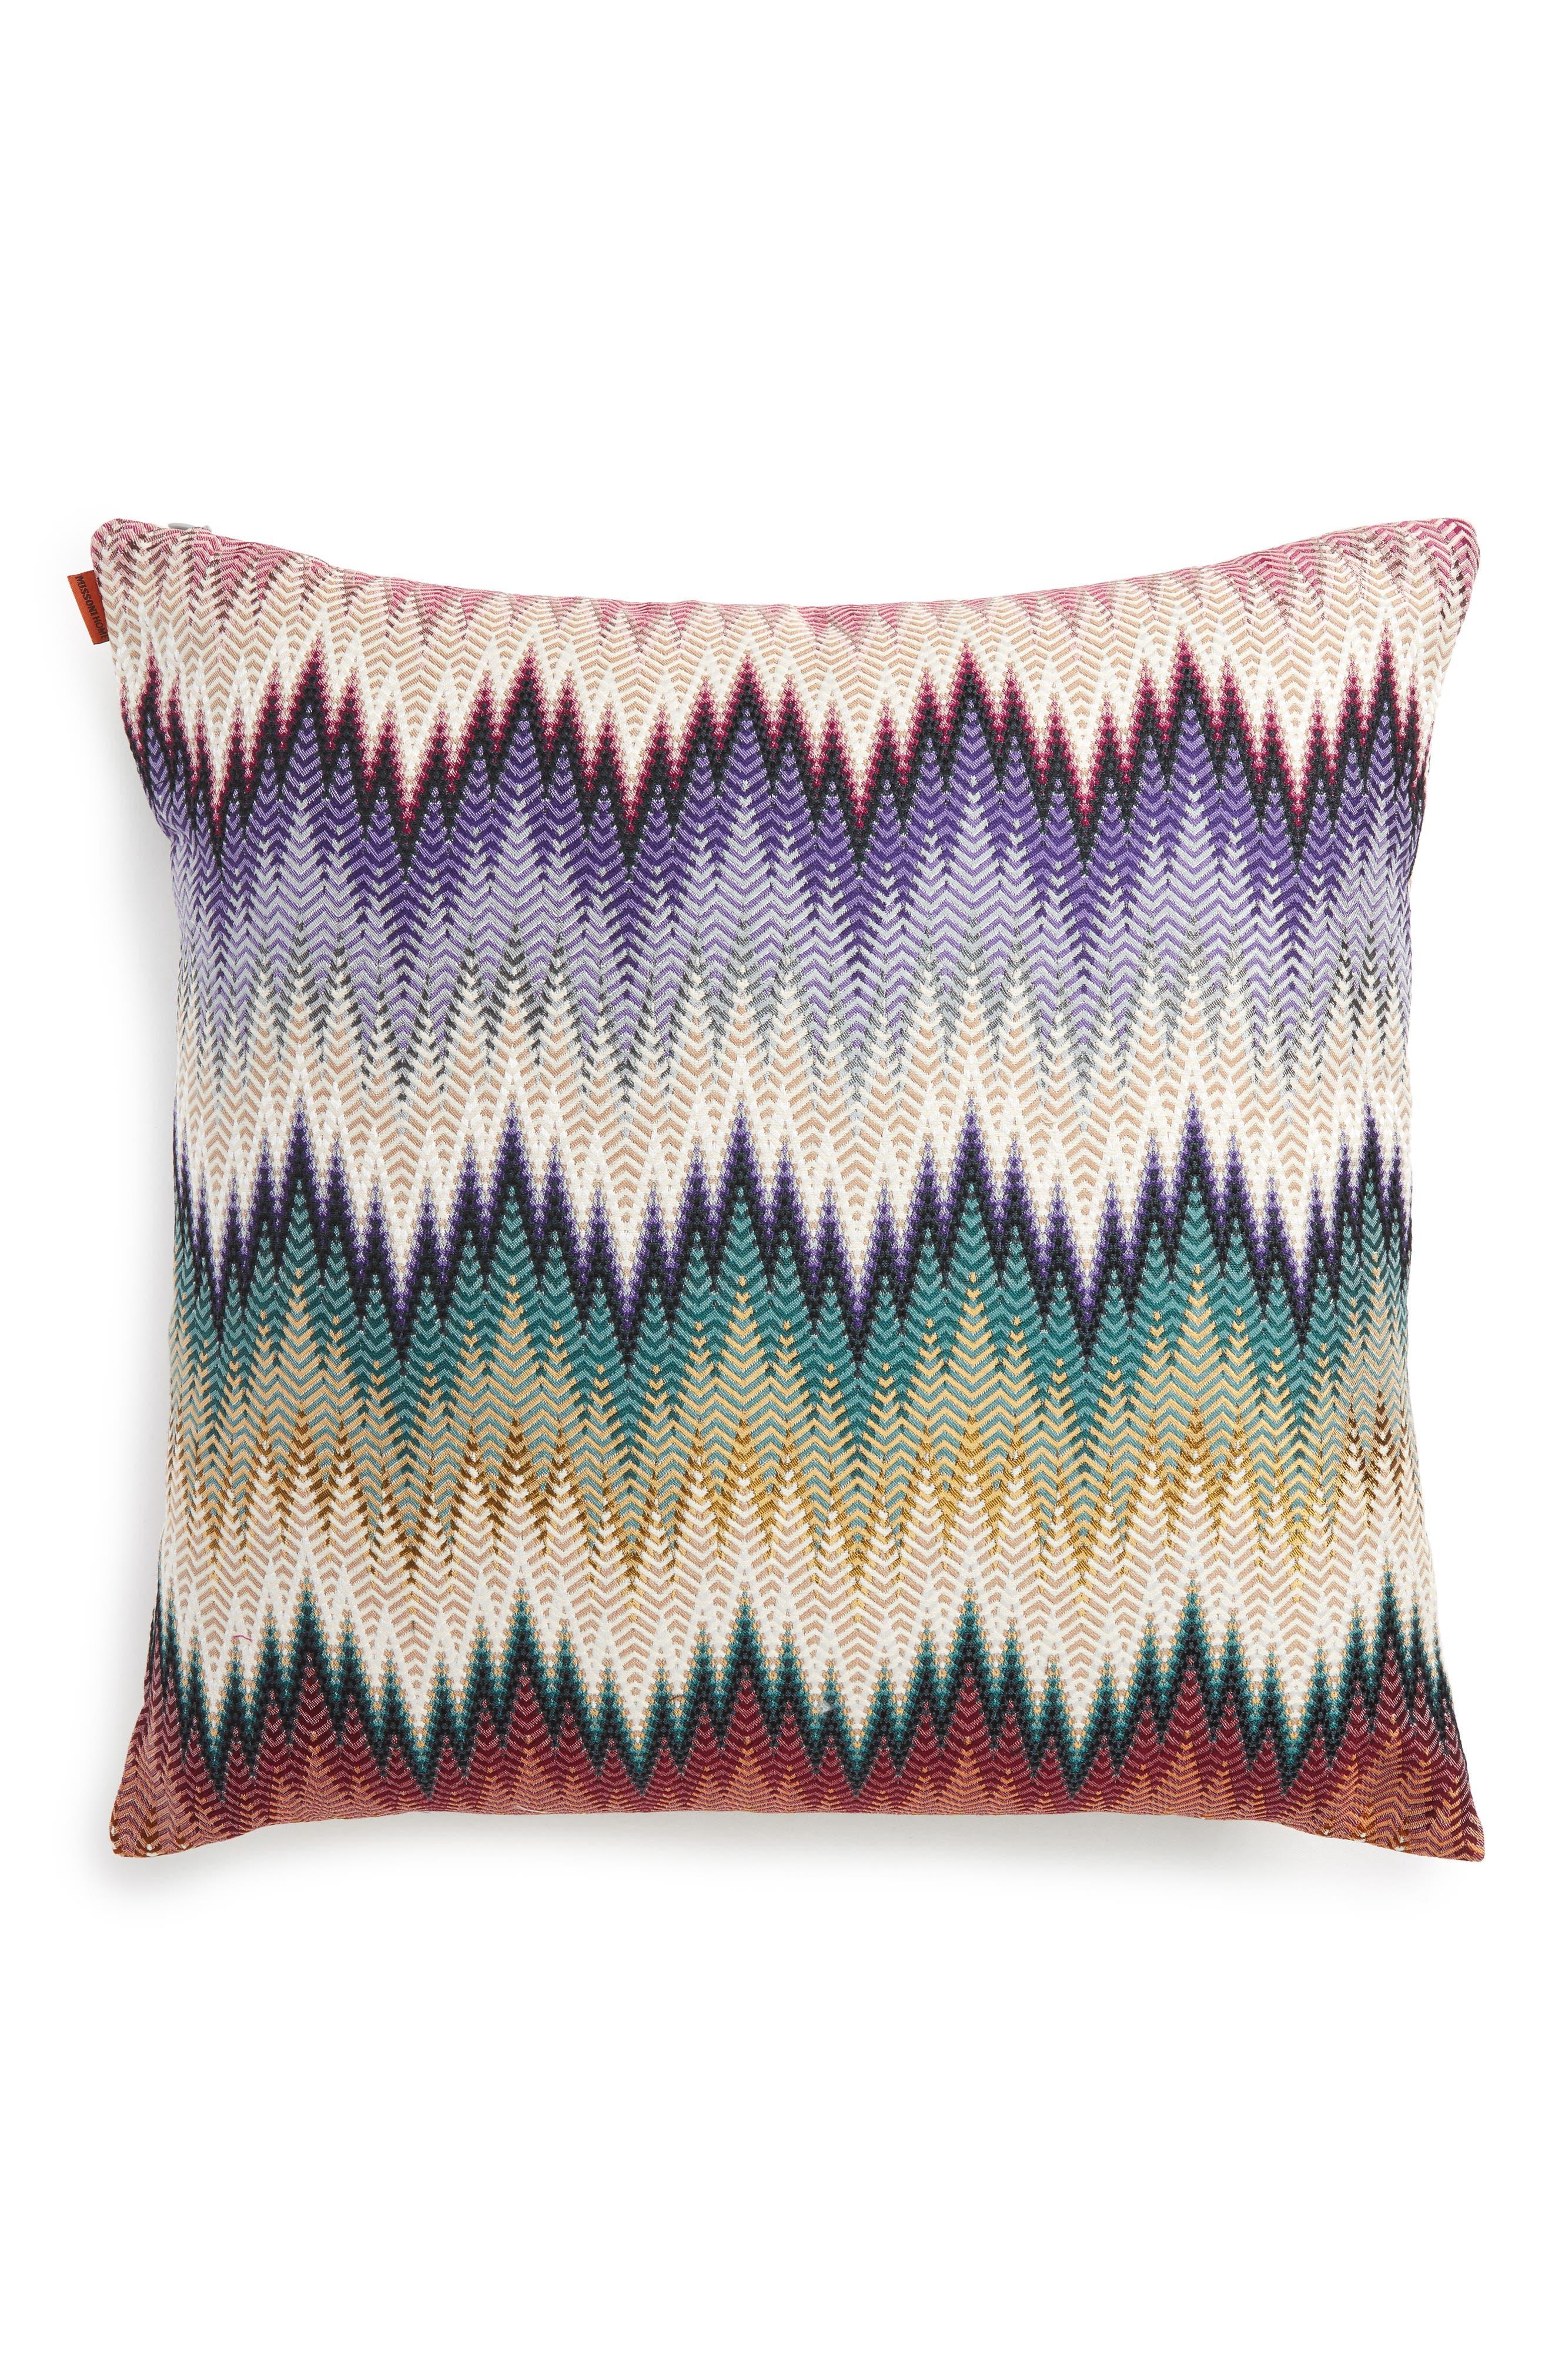 Main Image - Missoni Phrae Accent Pillow